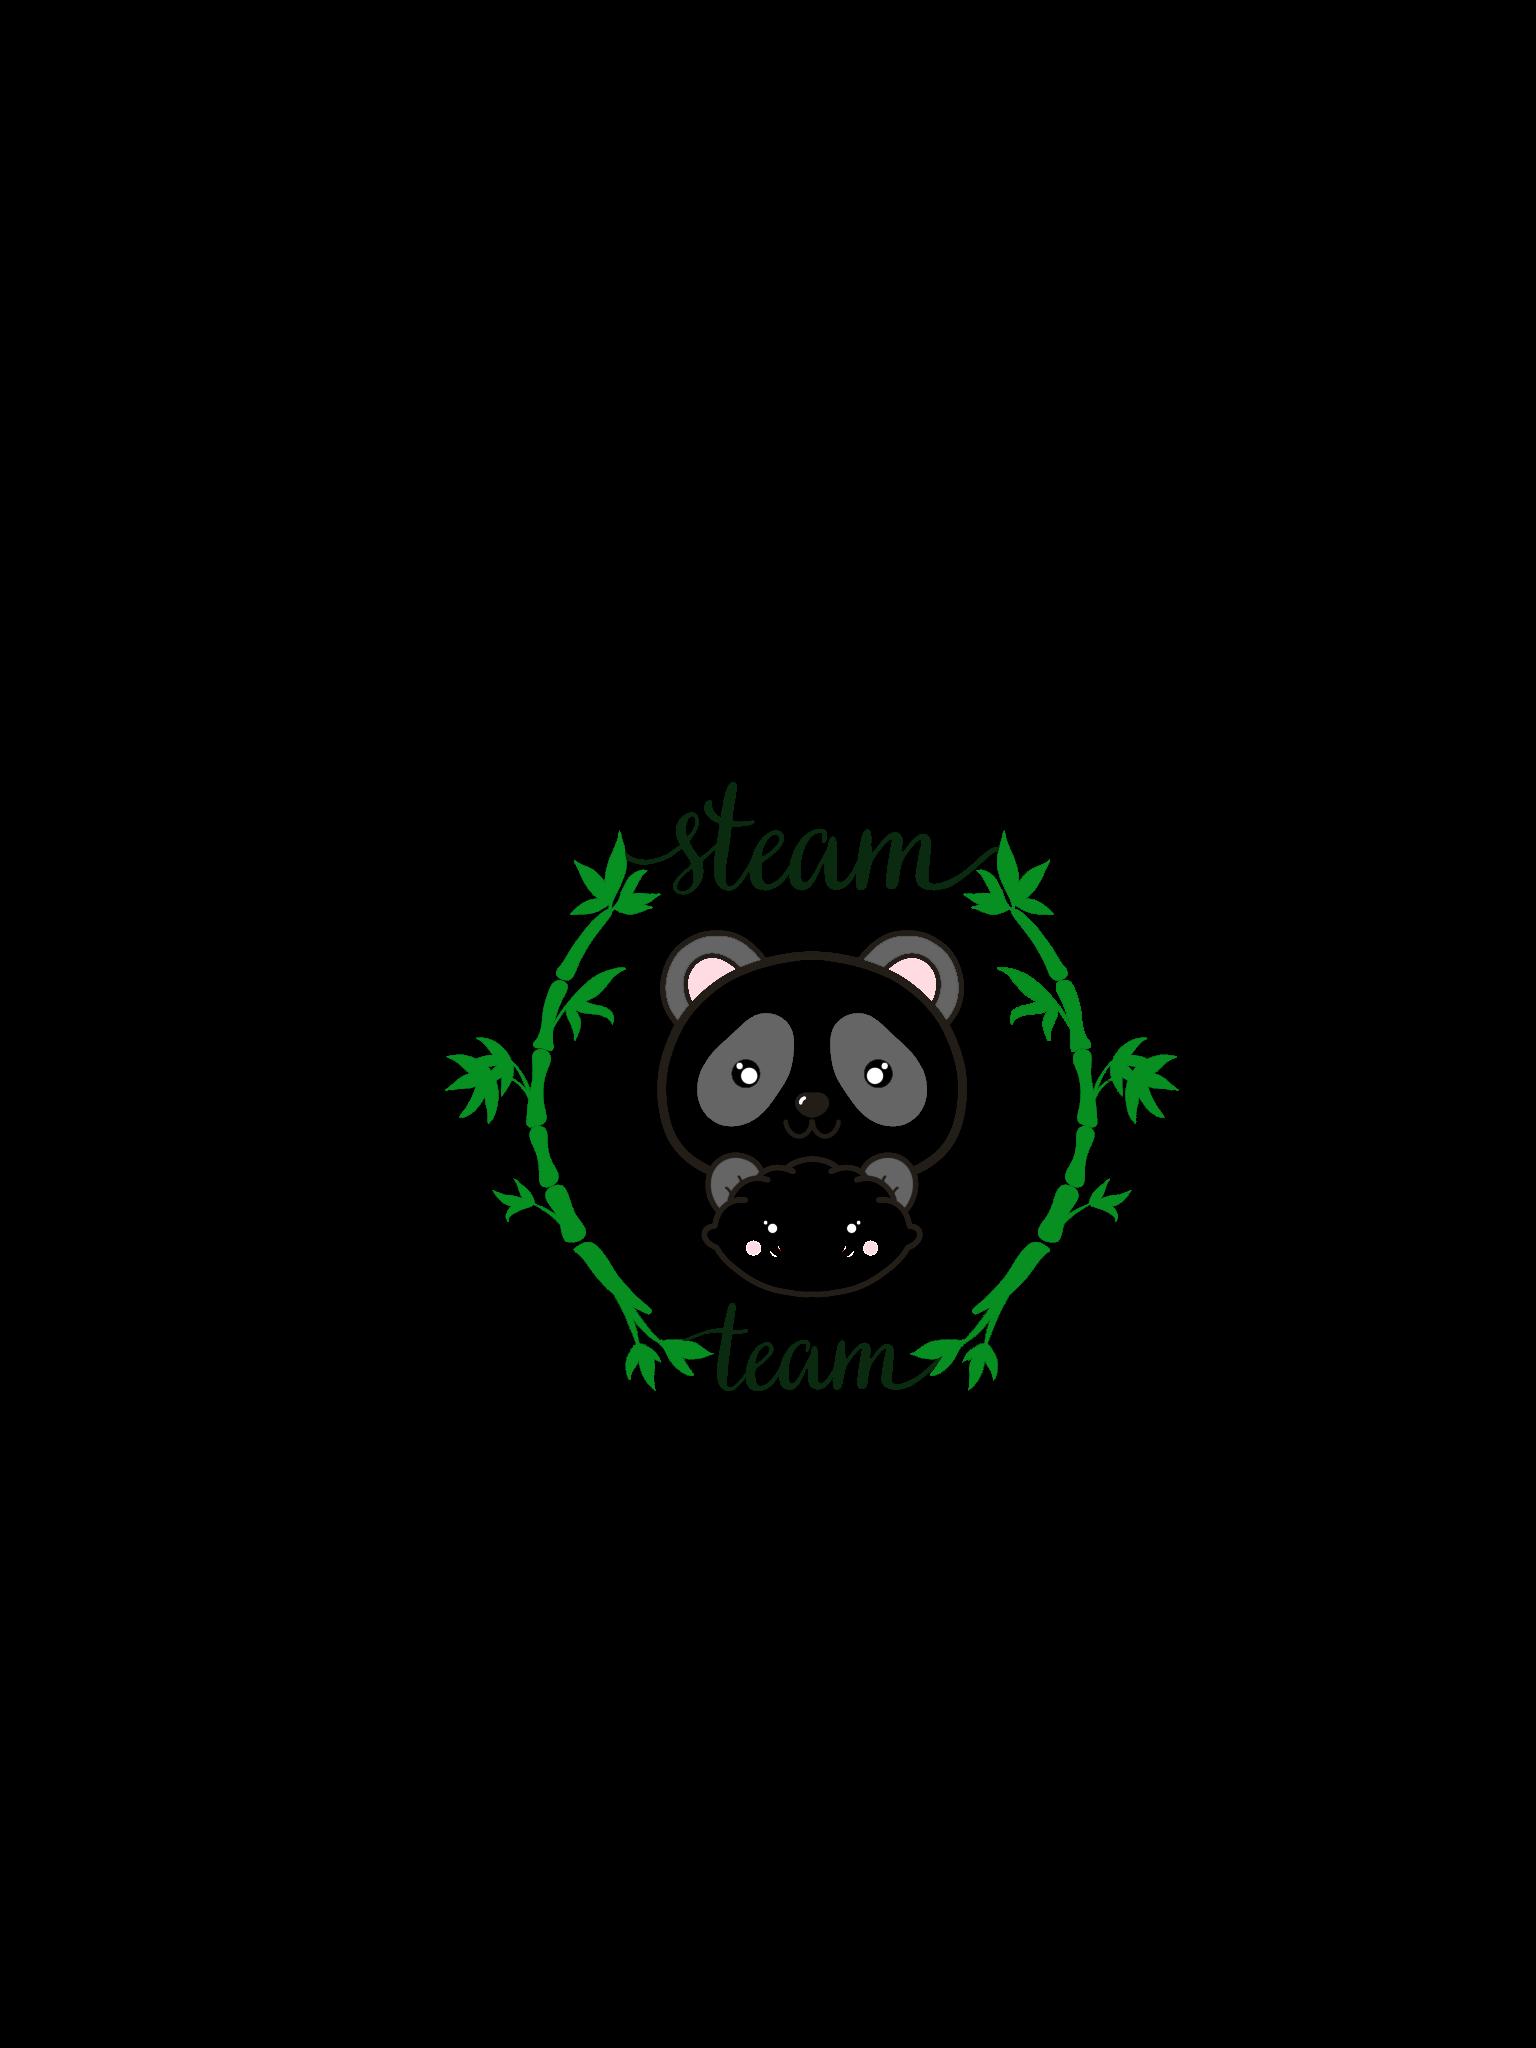 #UNika #логотип #мойпин #рисунки #идеи #fastfood #фастфуд #вдохновение #первыеработы #лого #попарт #арт #art #popart #логтипназаказ #наклейки #стикер #стикеры #шауroom #логотипы #значки #знак #черновик